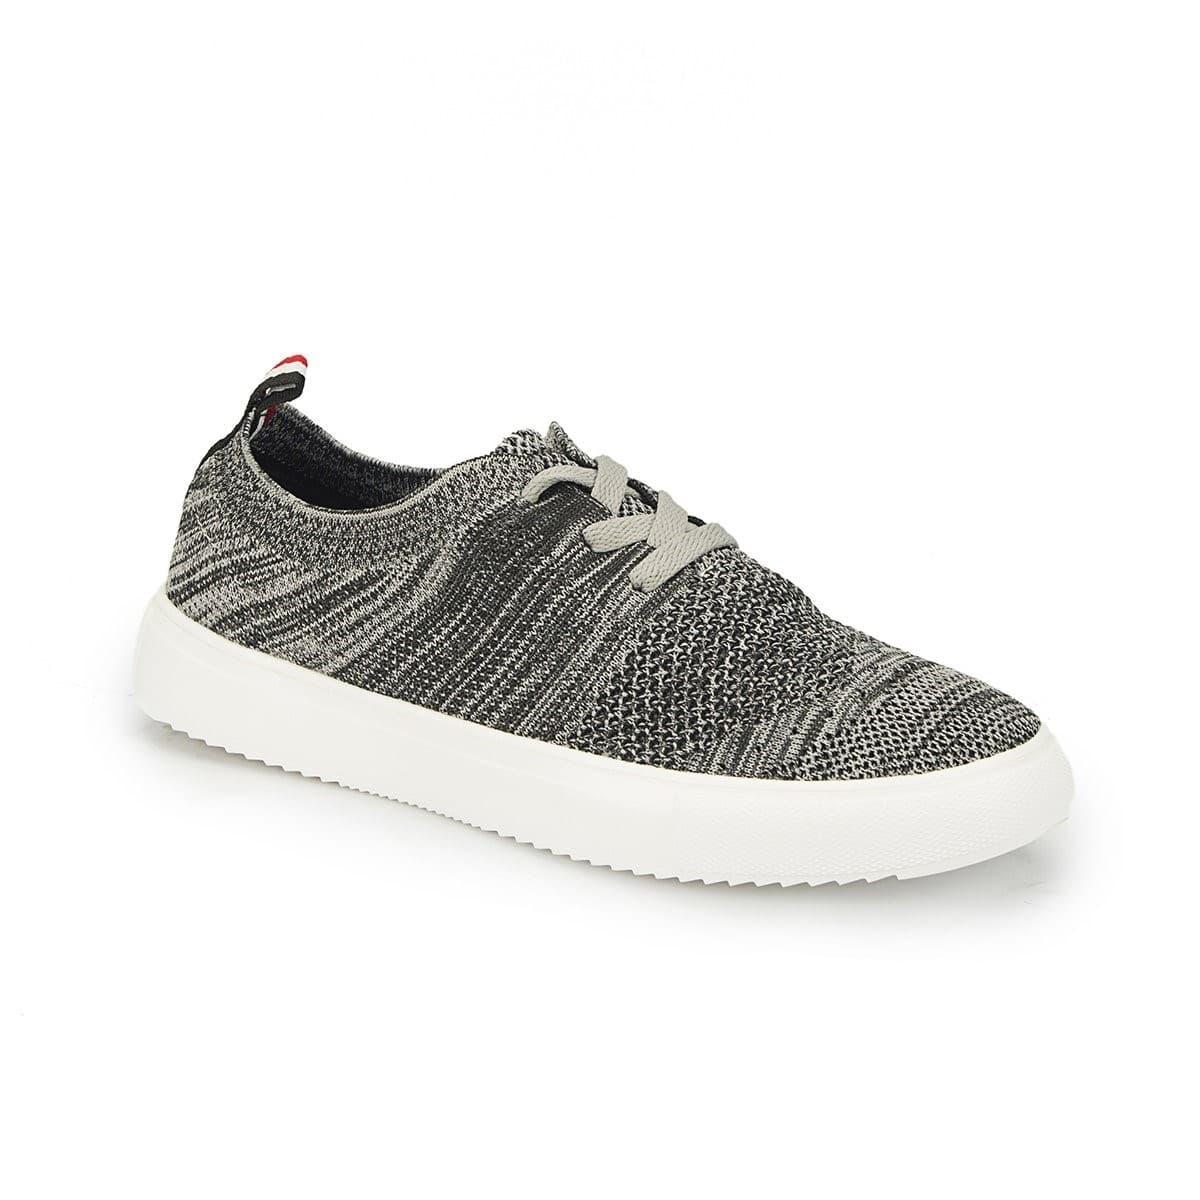 224539 Gri Erkek Günlük Spor Ayakkabısı (100297560)